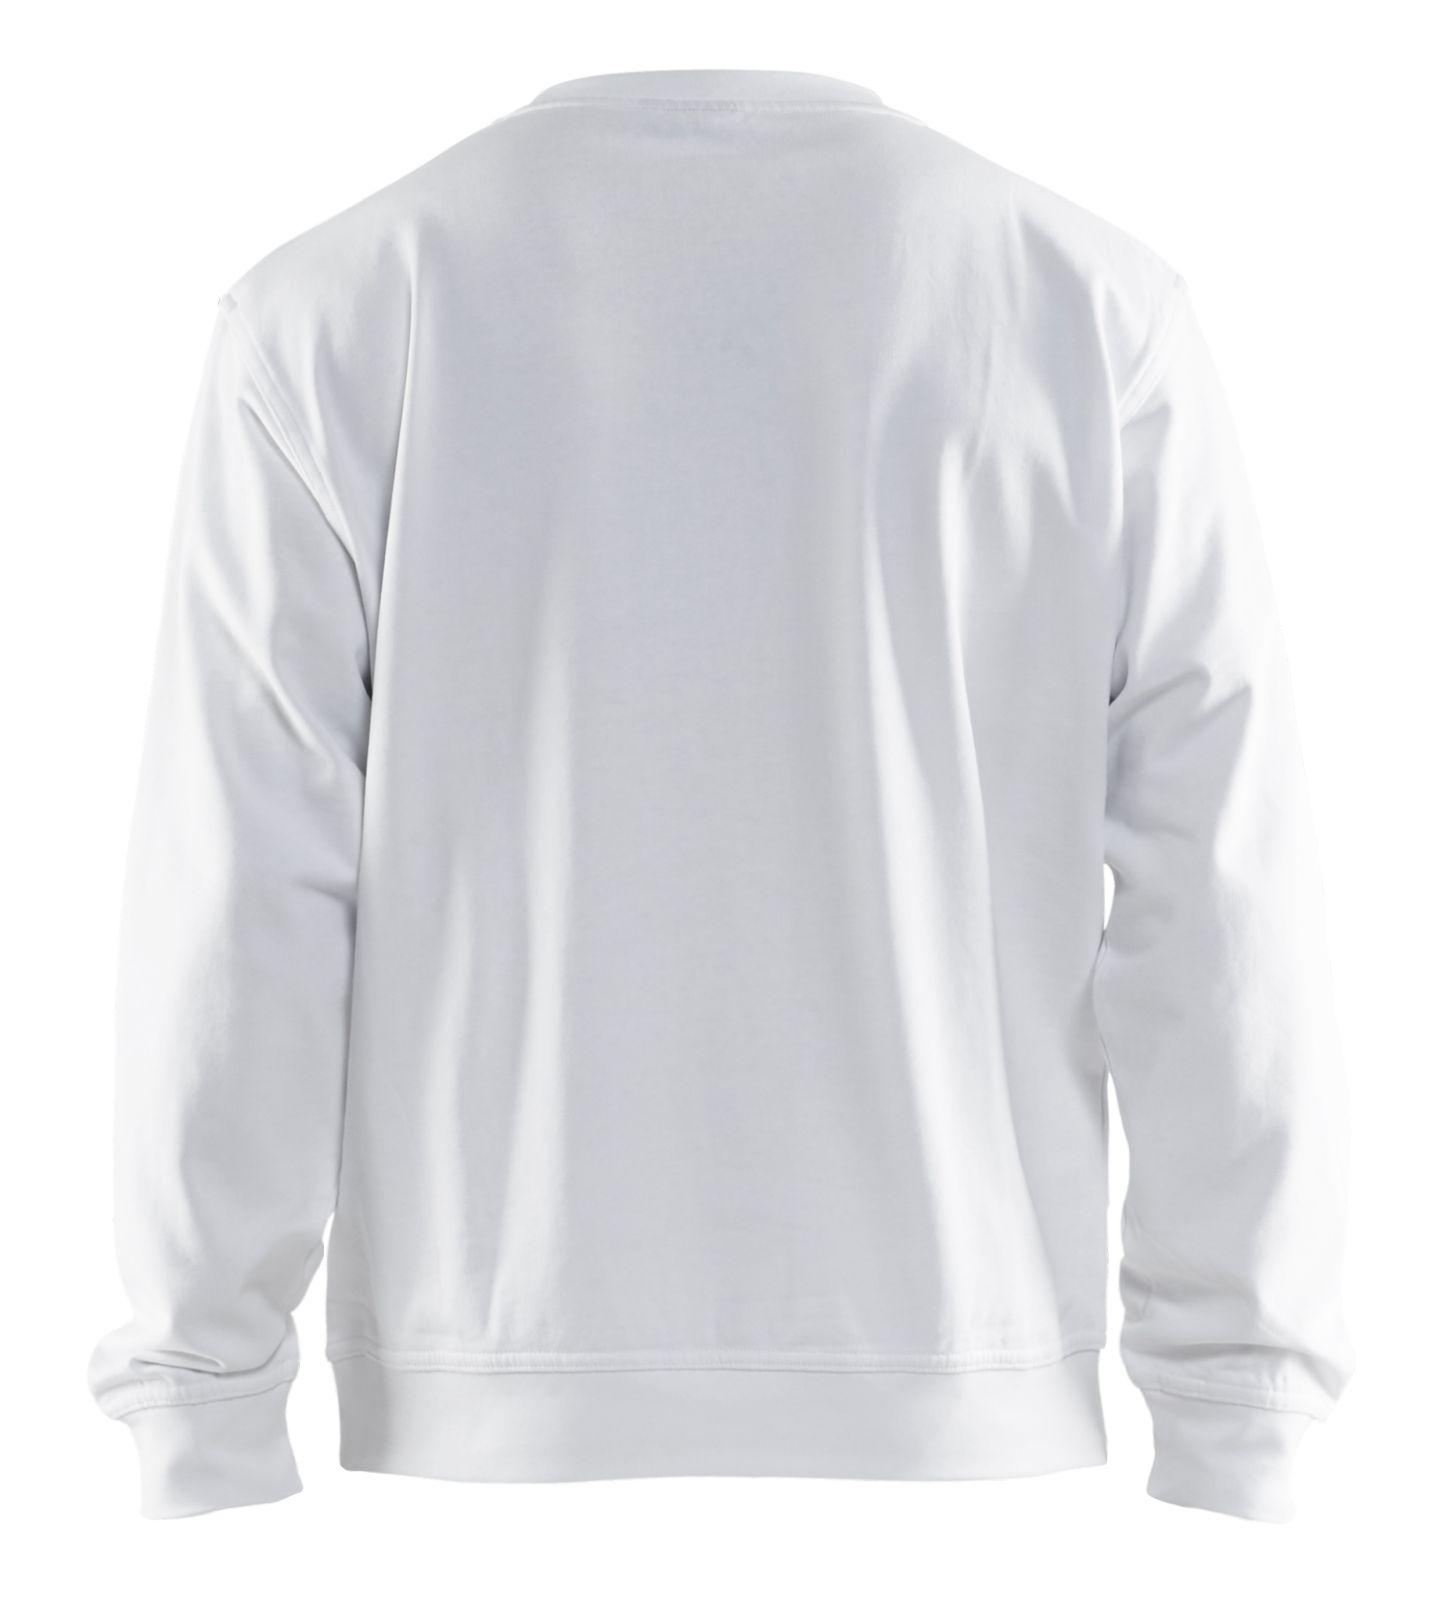 Blaklader Sweatshirts 33401158 wit(1000)